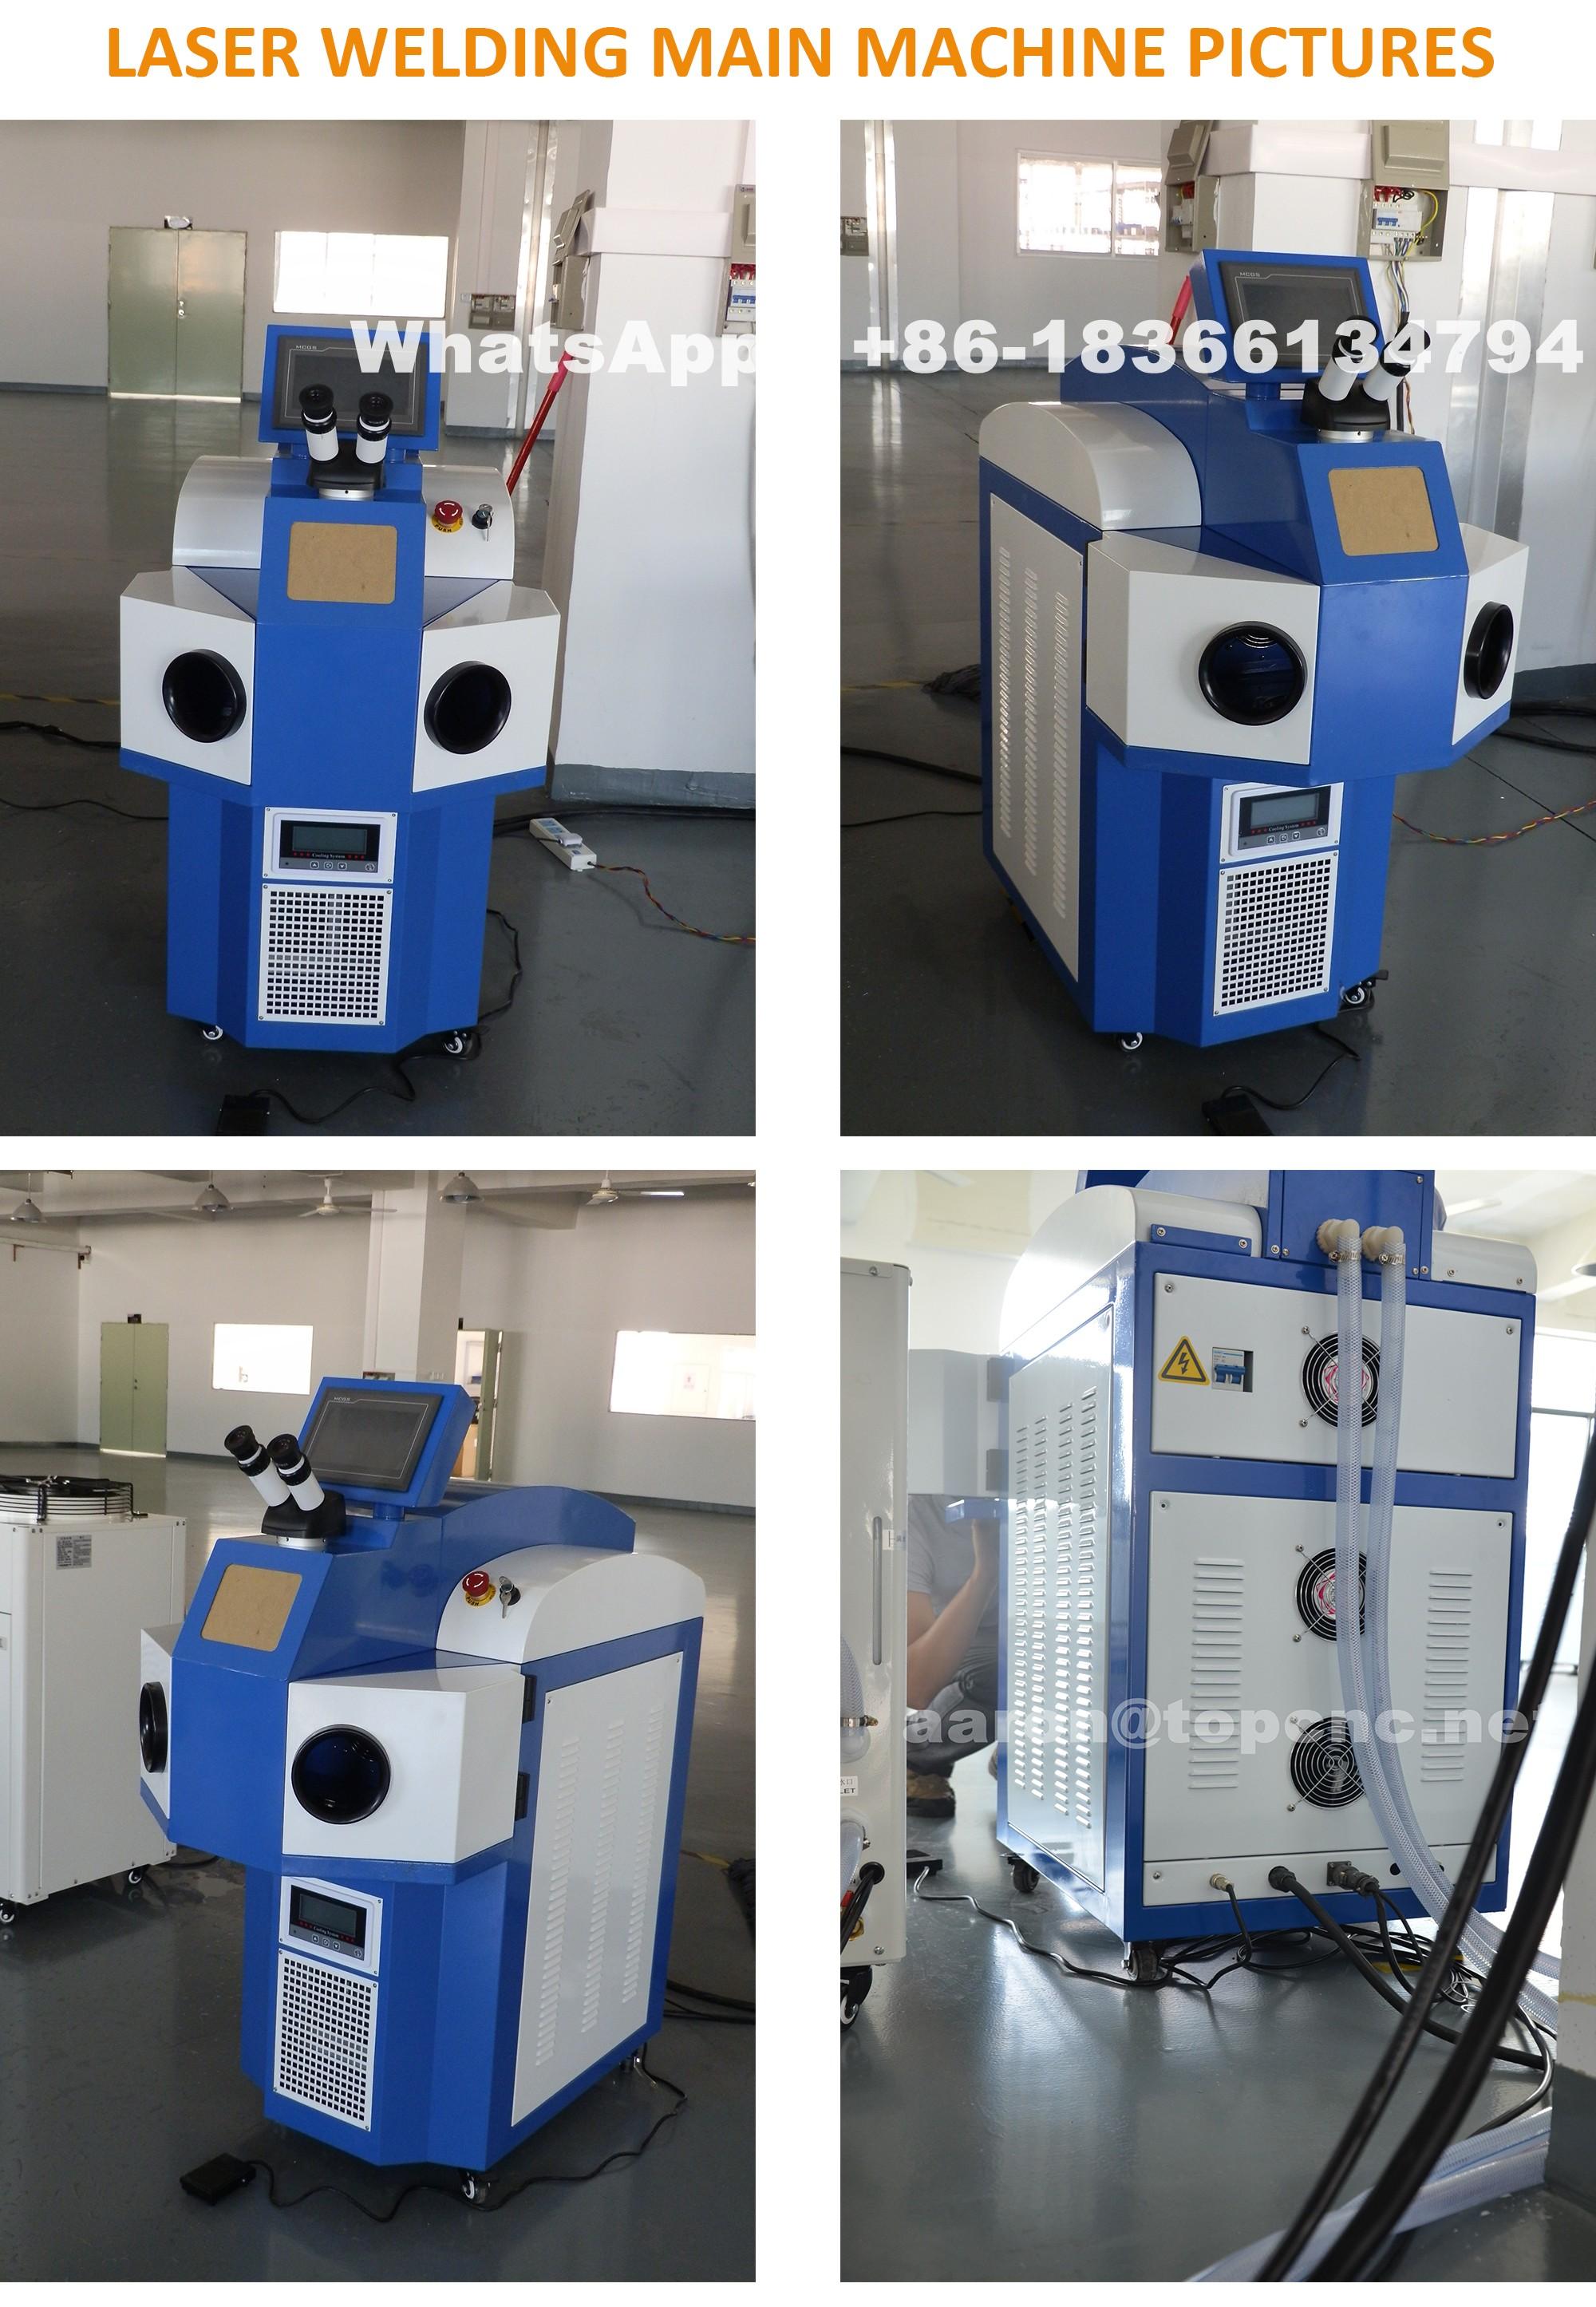 laser welding machine-1[1].jpg